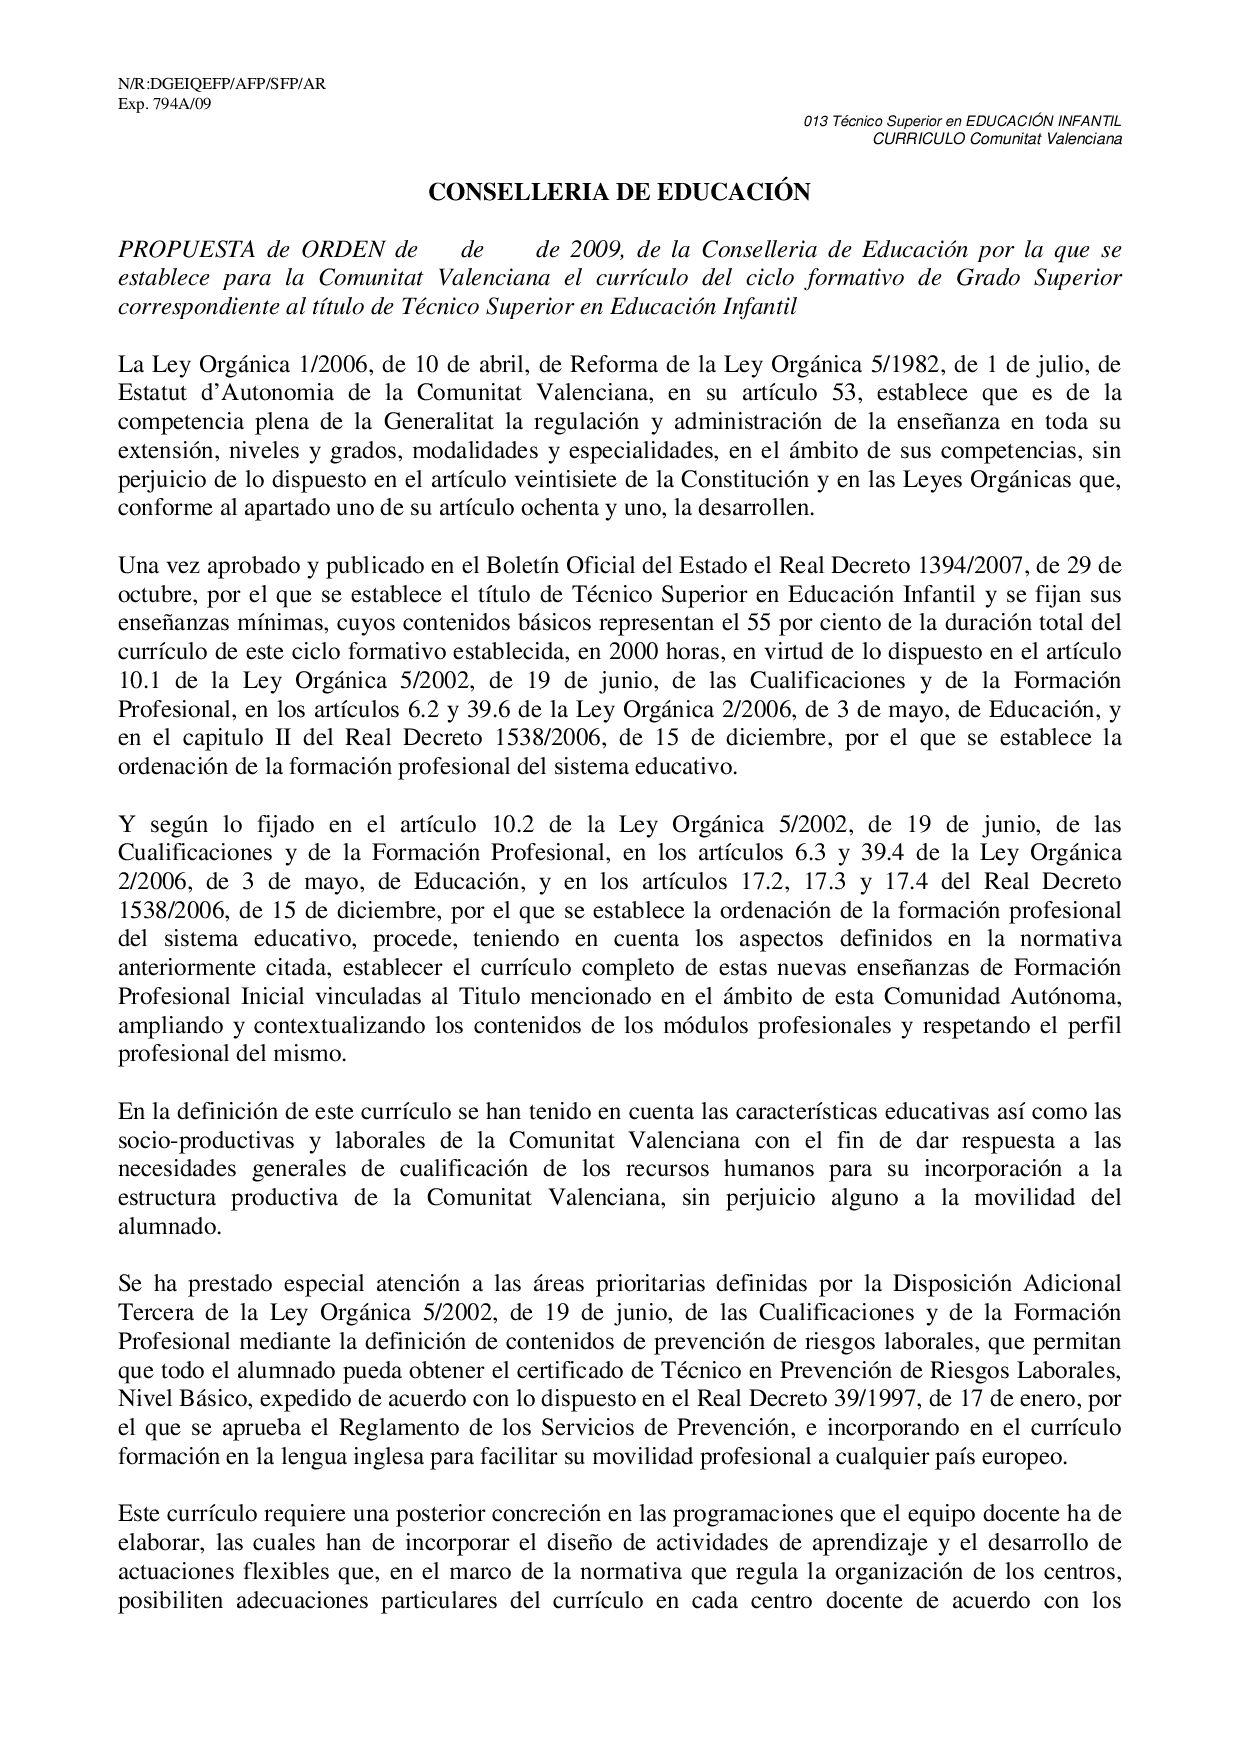 Curriculo Titulo De Educacion Infantil By Adelia Bertomeu